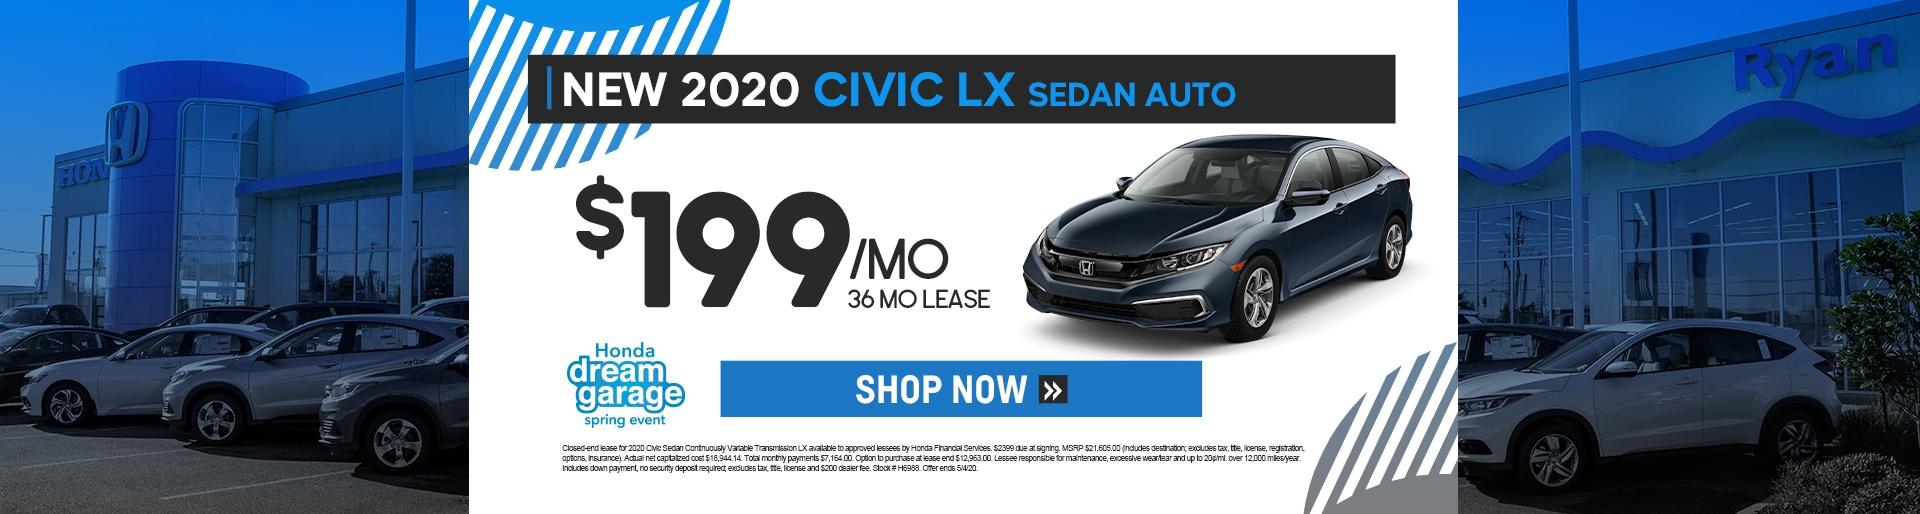 Ryan Honda - 2020 Civic